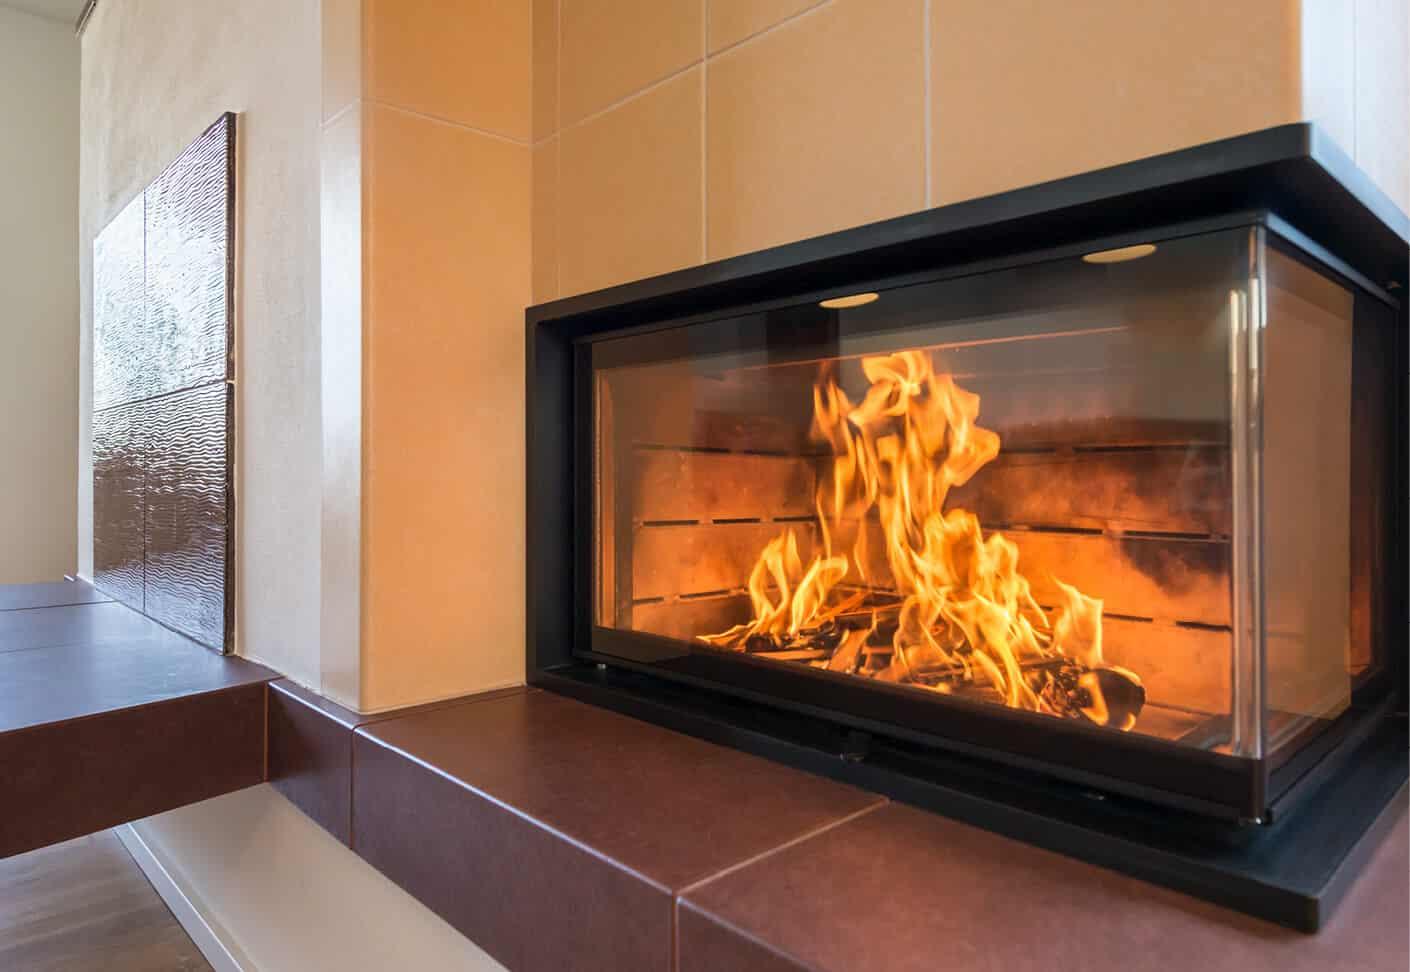 Glasfenster eines Ofen, darin brennt Feuer